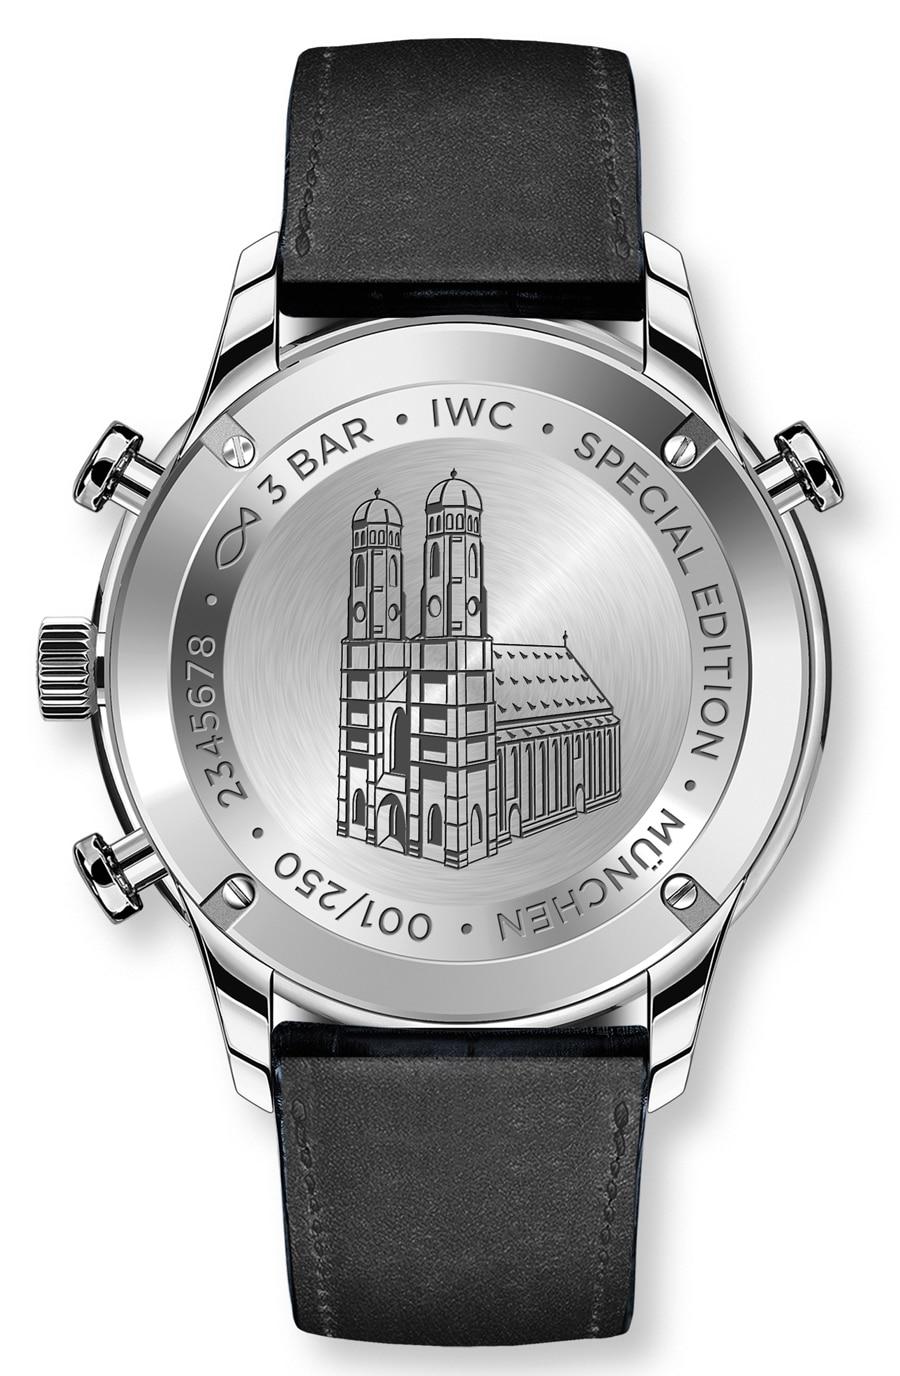 Die Frauenkirche, das Wahrzeichen der Stadt München, ist auf den Boden der IWC Portugieser Chronograph Rattrapante Boutique Munich graviert